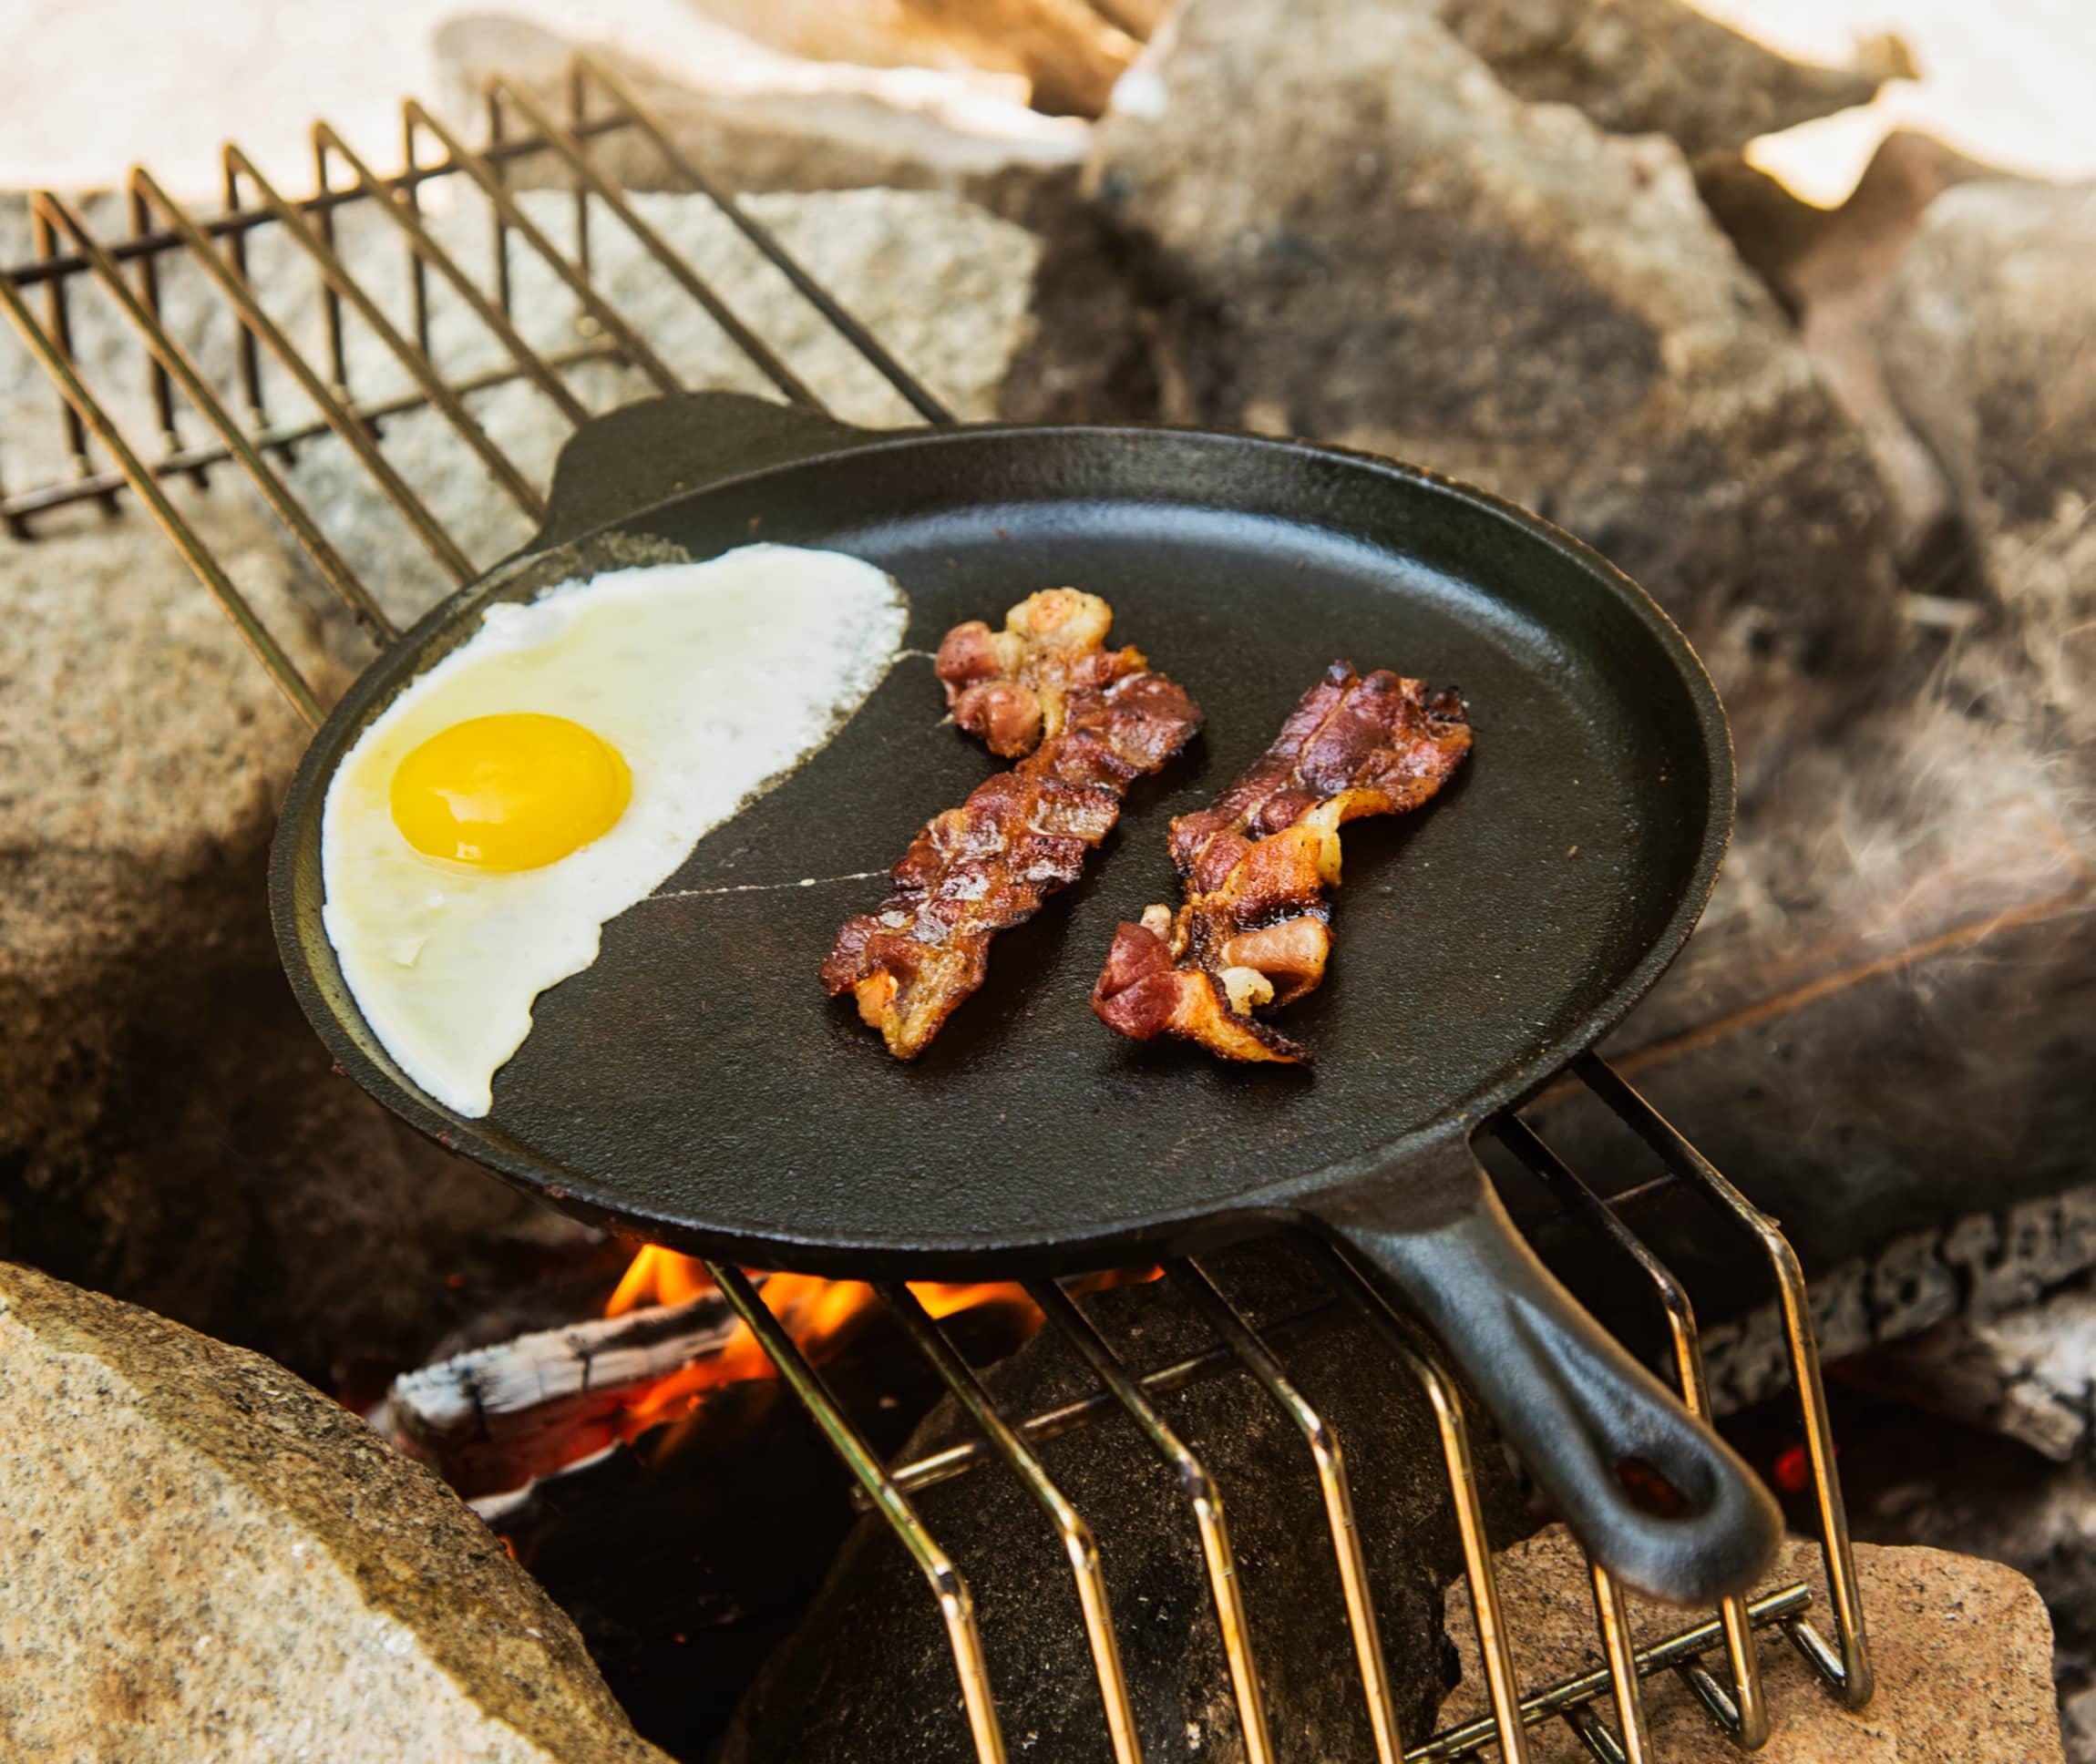 Egg og bacon til frokost? Ingen problem med en stekepanne, bål og bålrist!